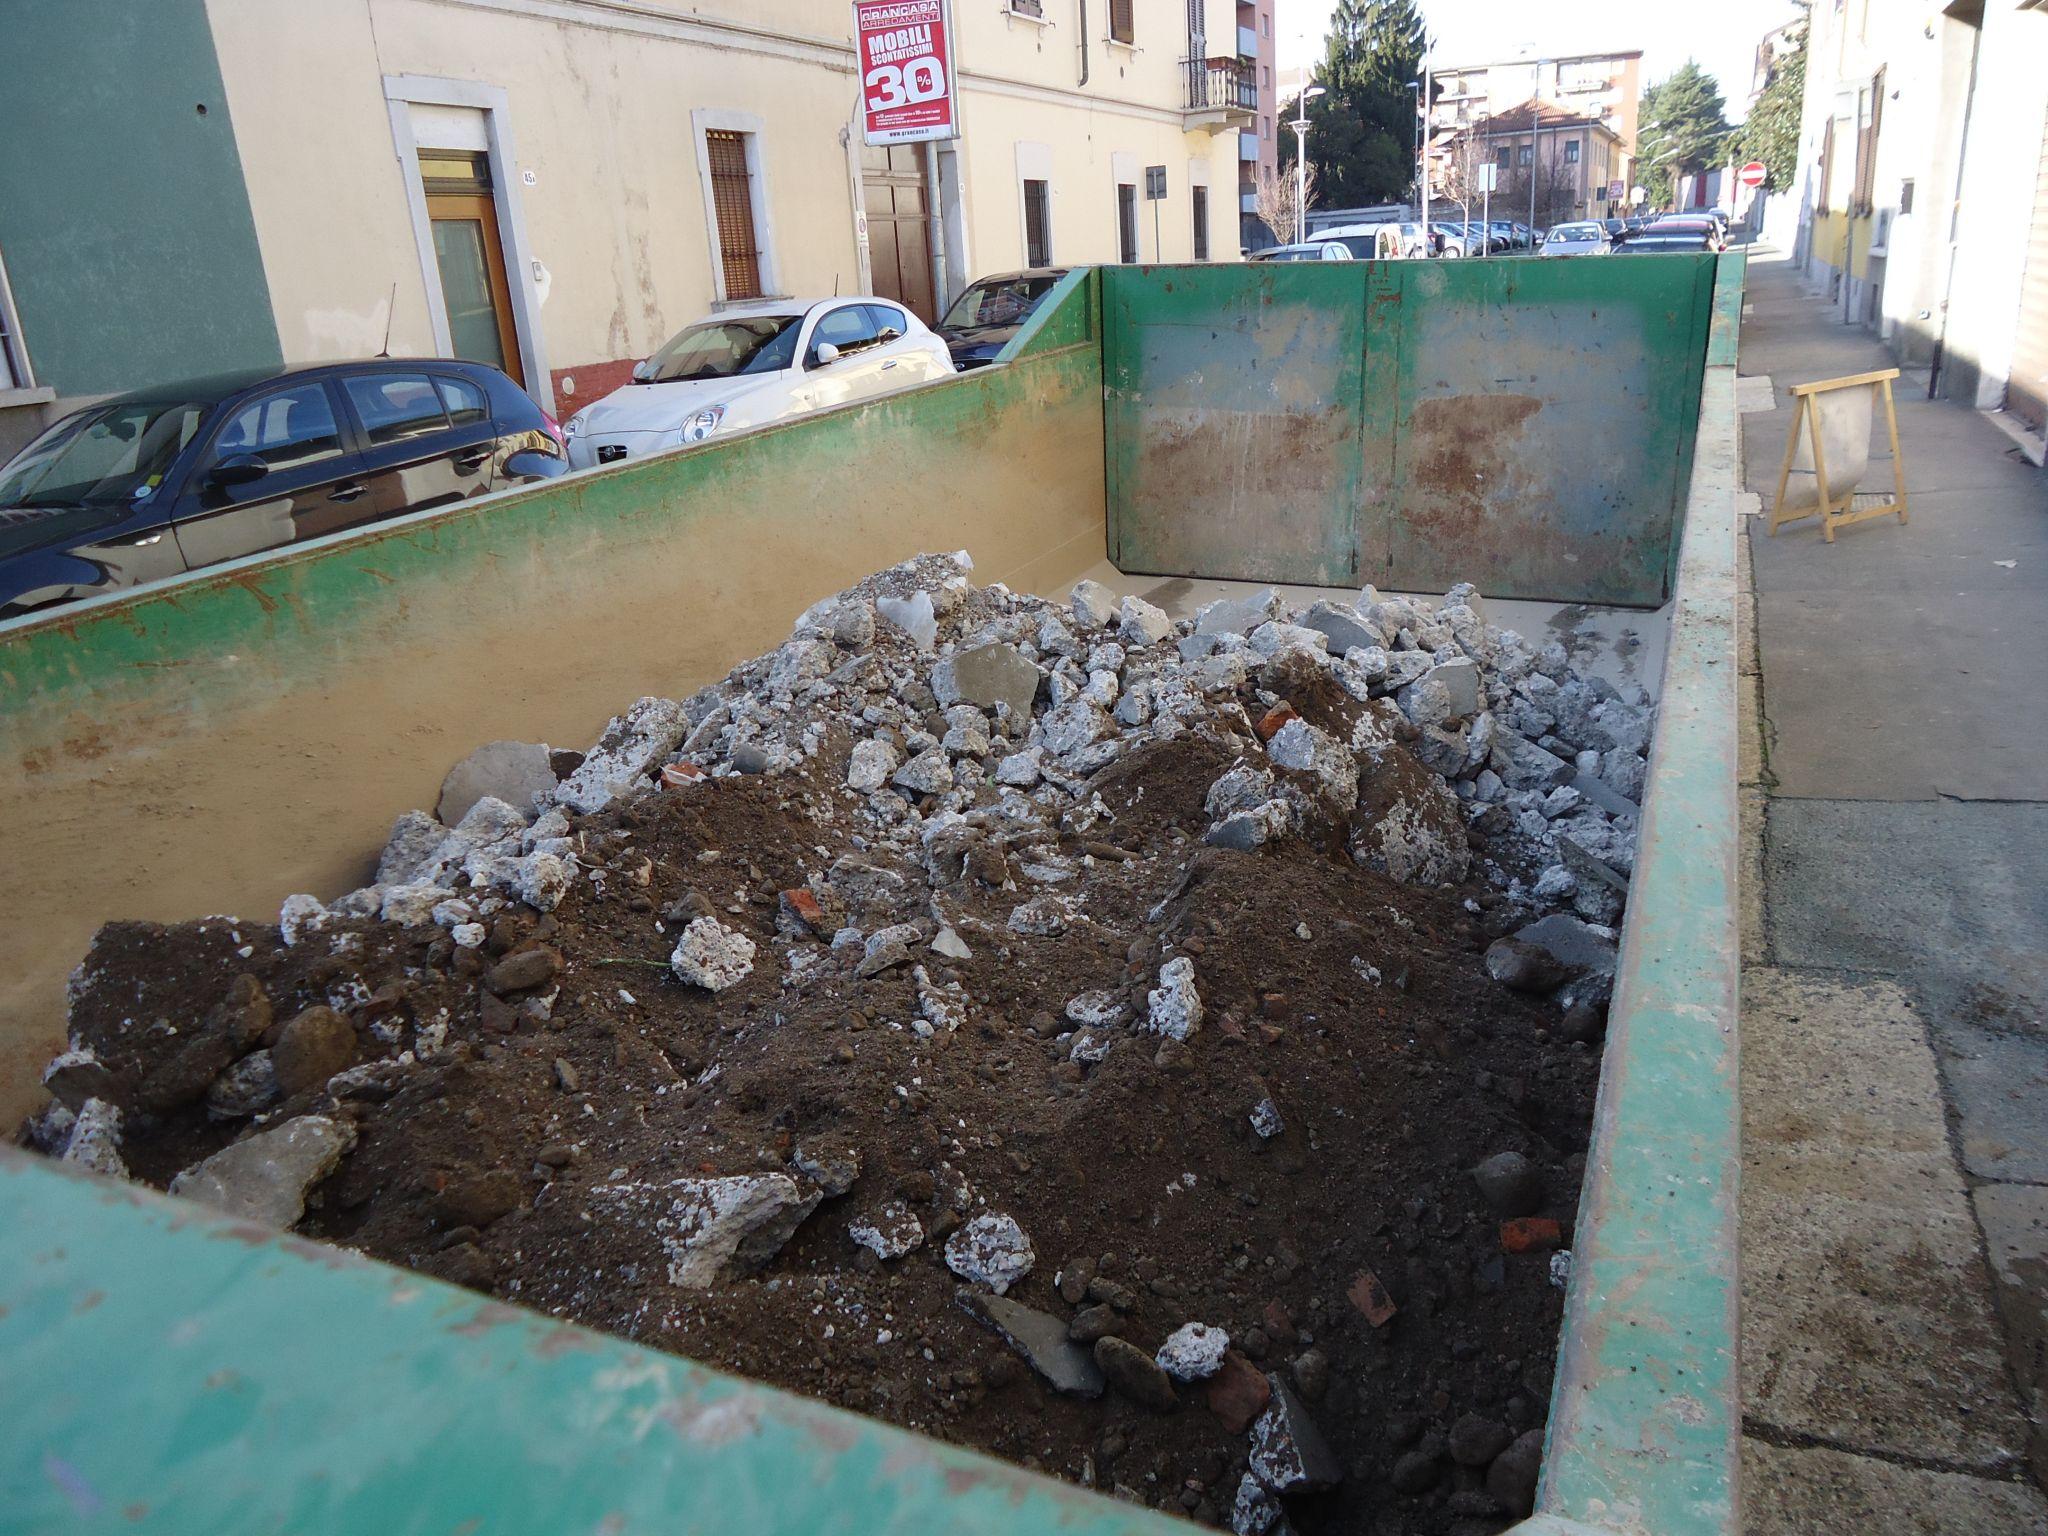 tethys -consulenza ambientale e idrogeologica - Progetto di bonifica secondo procedure semplificate (art 249 D.Lgs. 152/06)